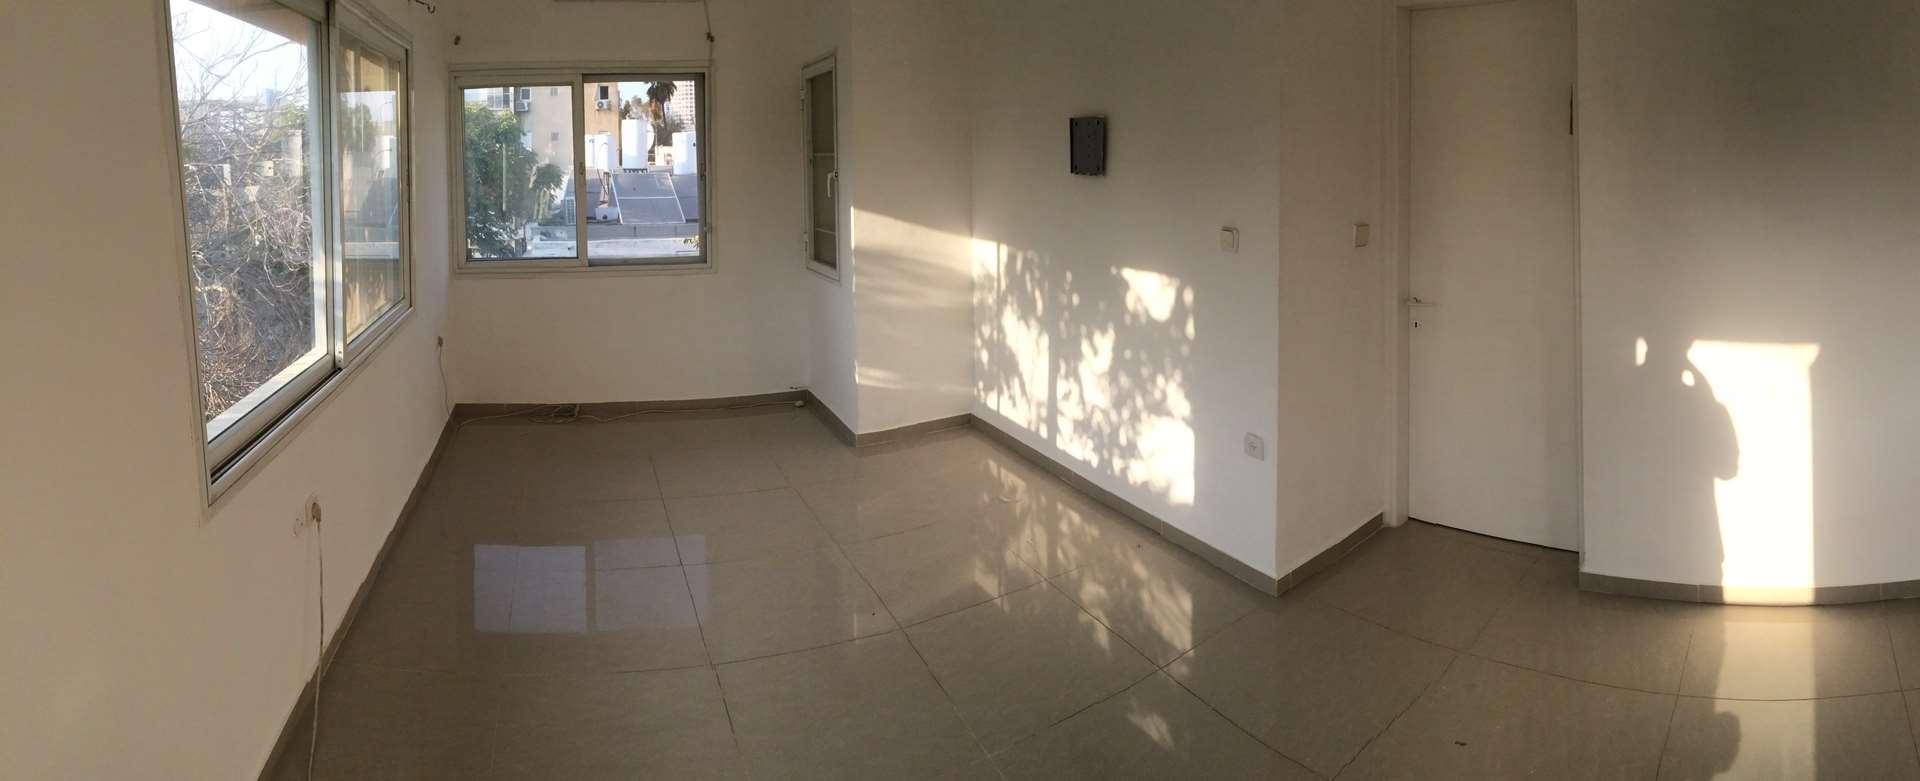 תמונה 3 ,דירת גג 3.5 חדרים מרכז בעלי מלאכה  תל אביב יפו